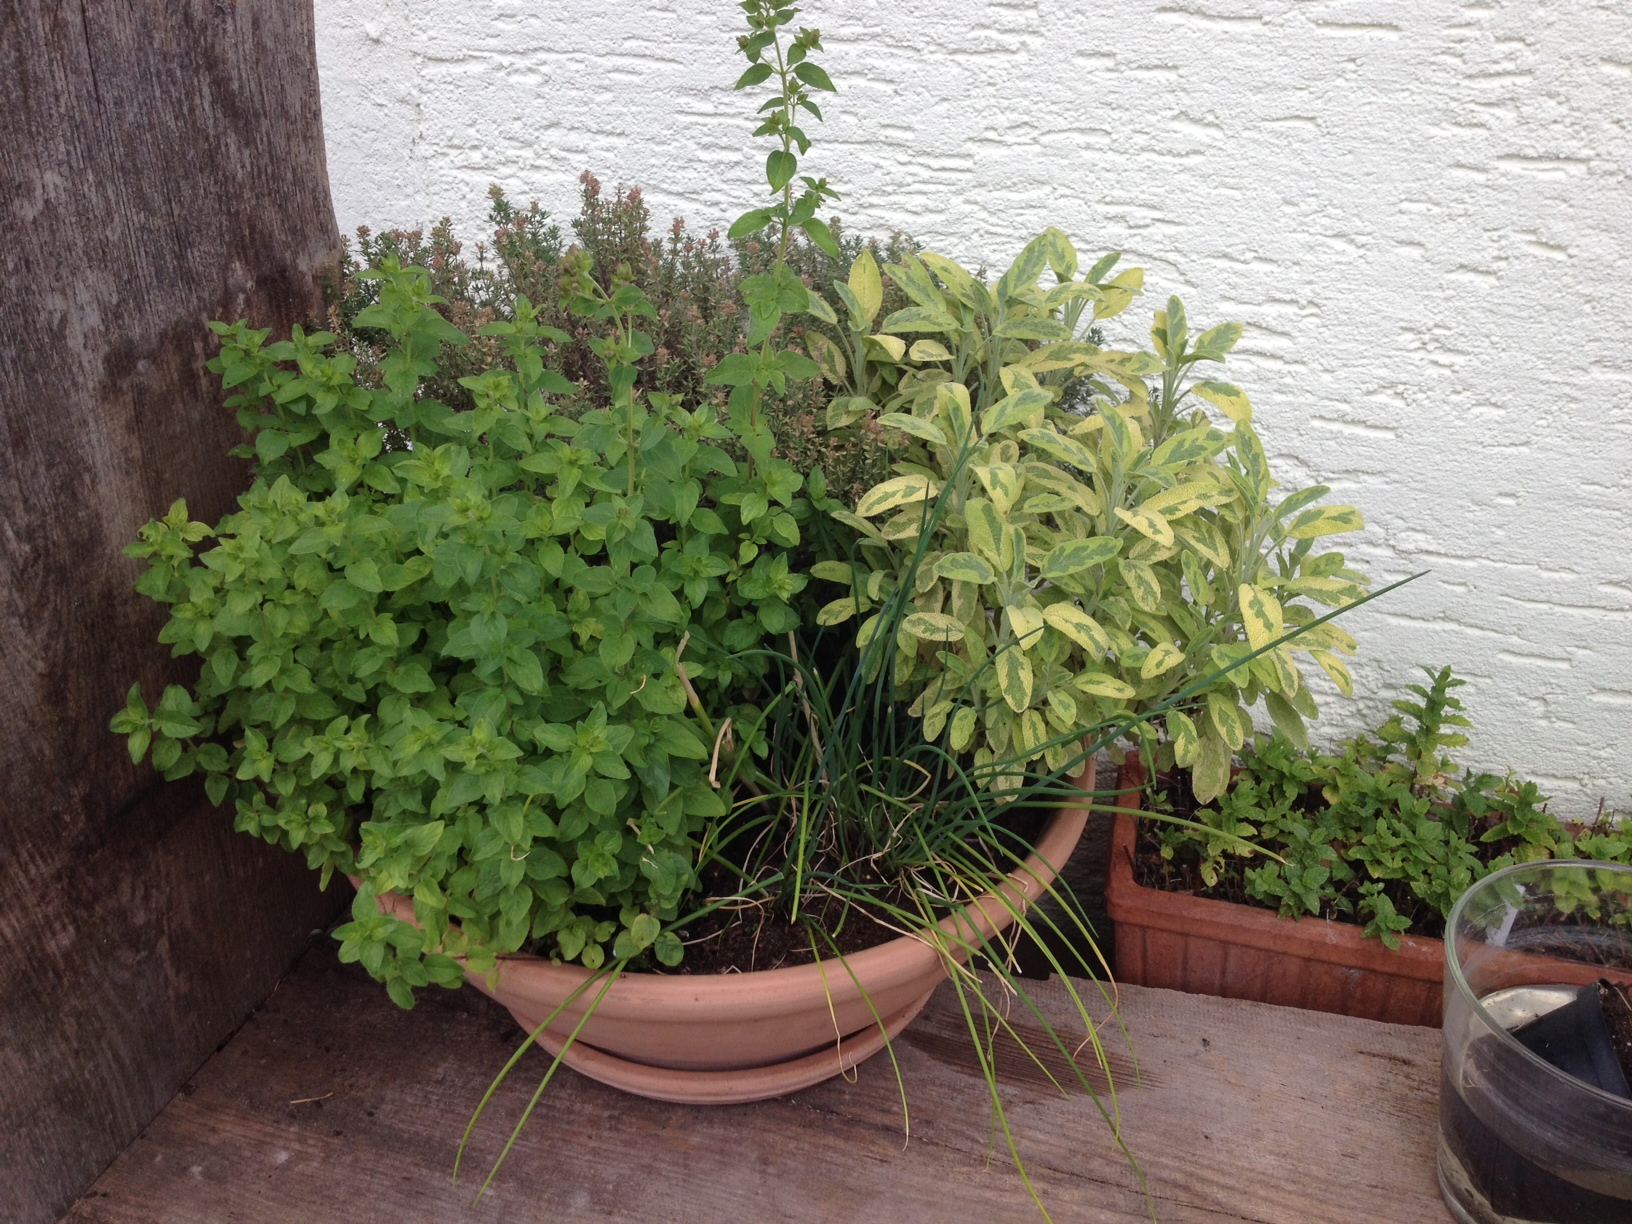 umpflanzen von kleinen topfpflanzen native plants garten fur blumen im topf pflanzen kraeutertopf